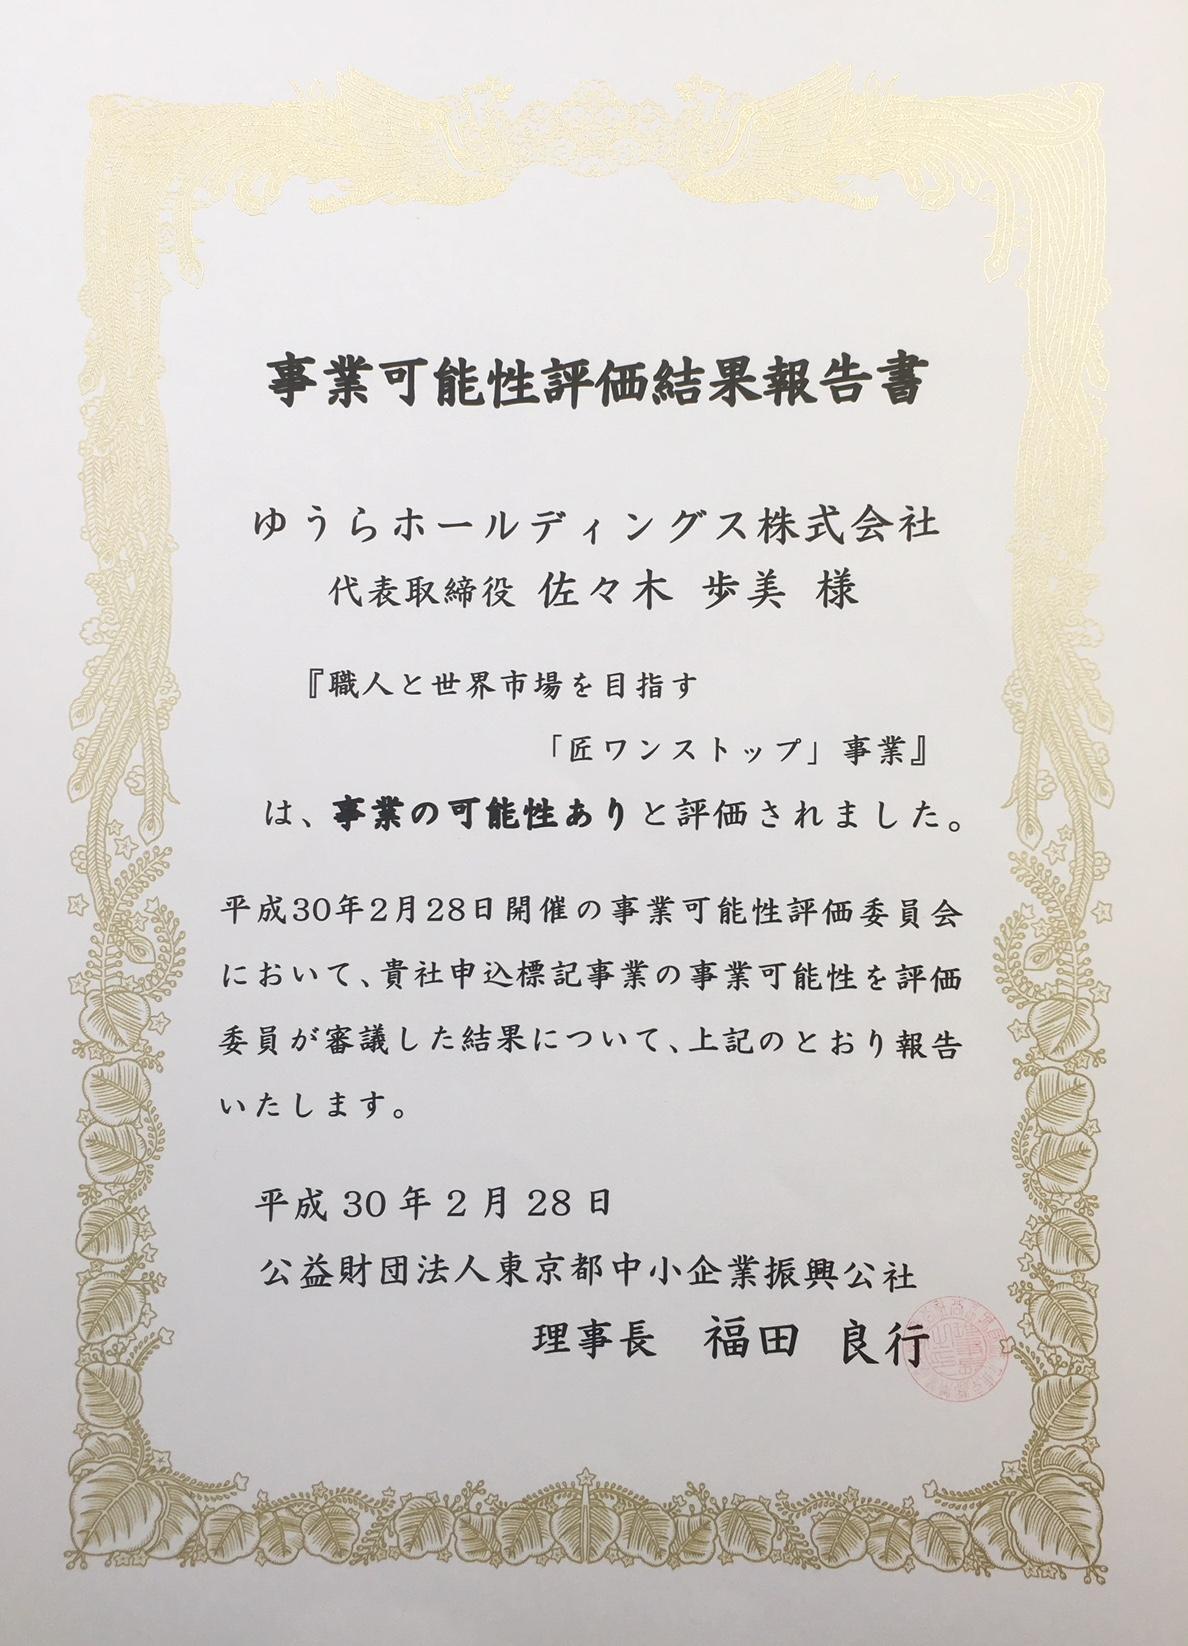 当社の『職人と世界市場を目指す「匠ワンストップ」事業』は、東京都中小企業振興公社の評価事業です。